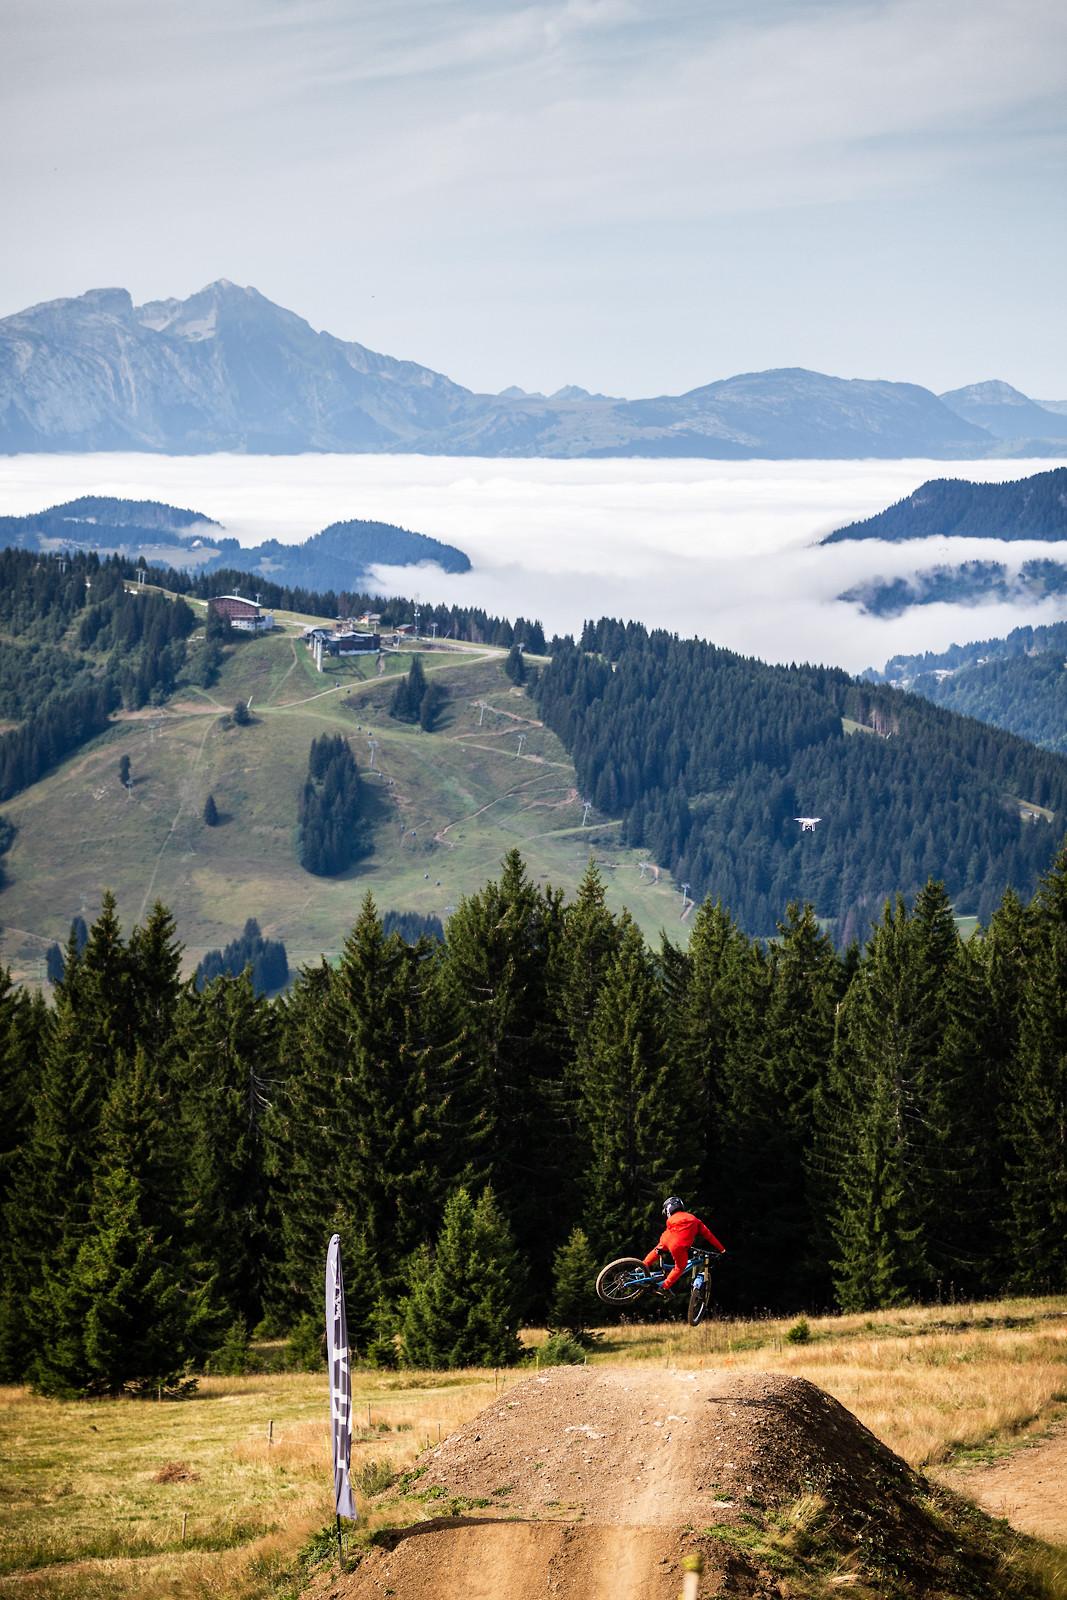 24A0211 - Entwoane - Mountain Biking Pictures - Vital MTB